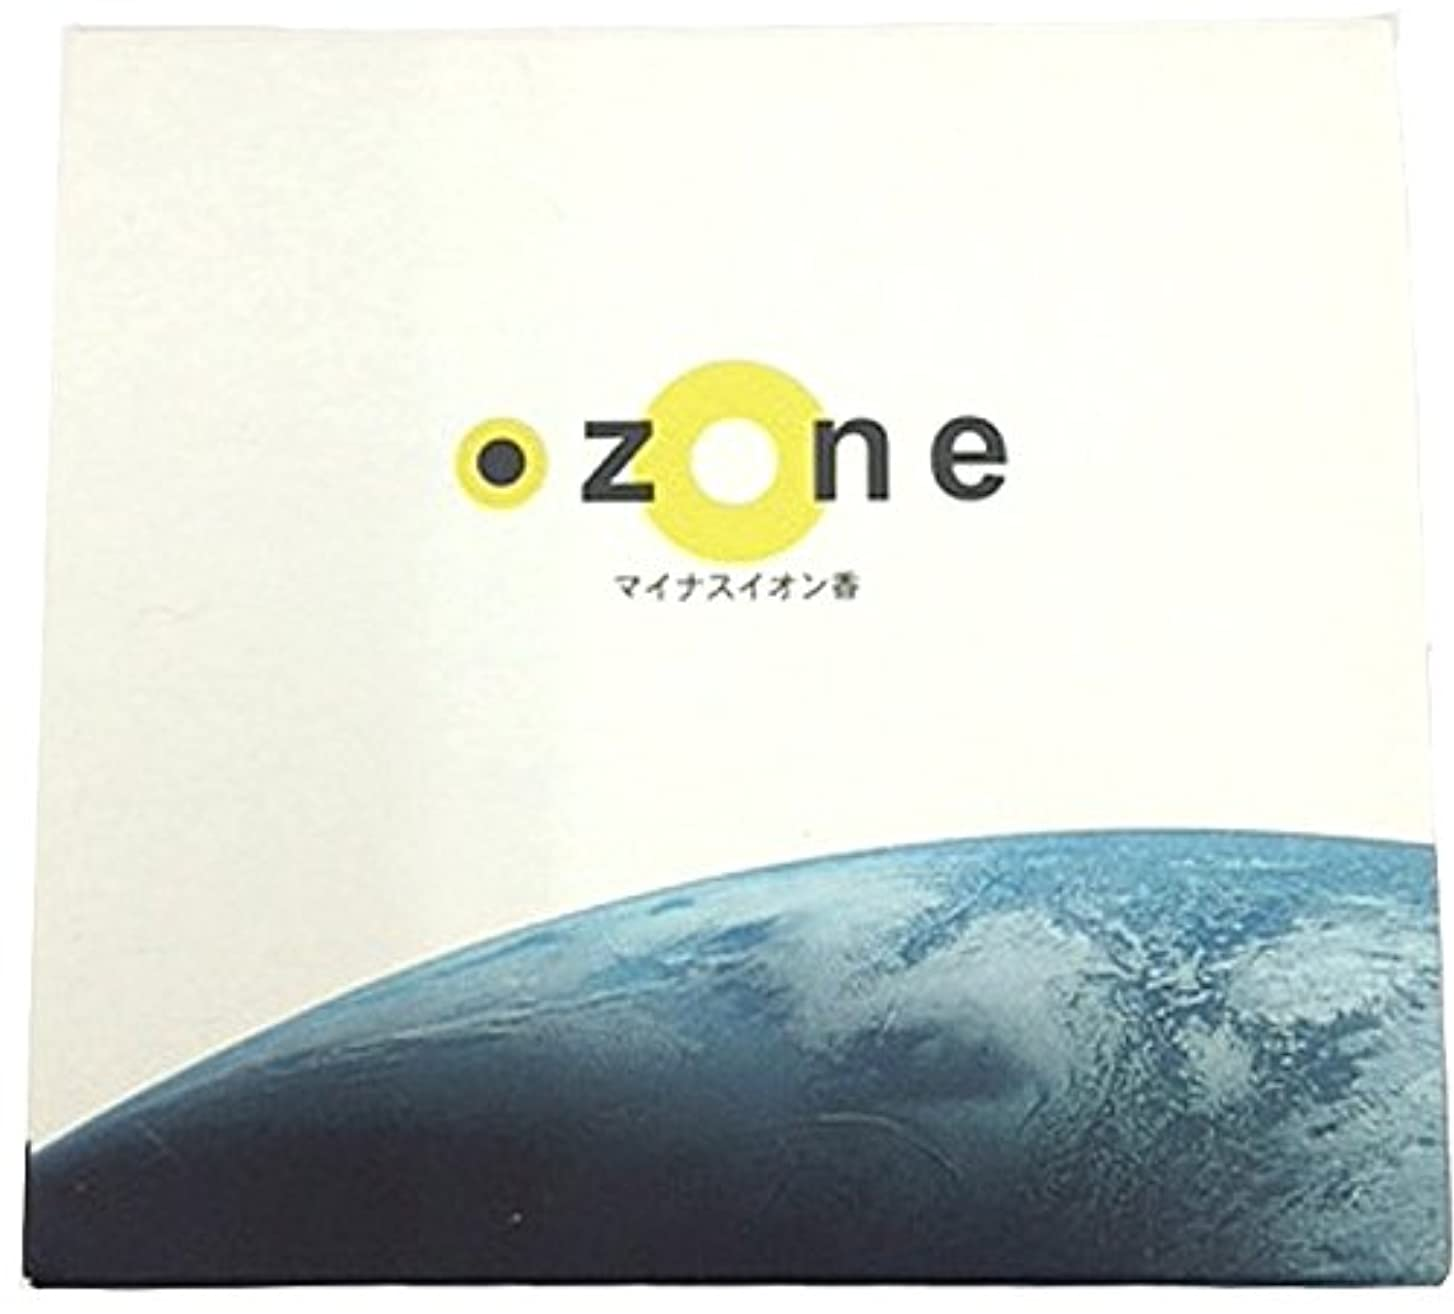 位置するコールド壊れた悠々庵 OZONE 箱型 オリエンタルハーブ